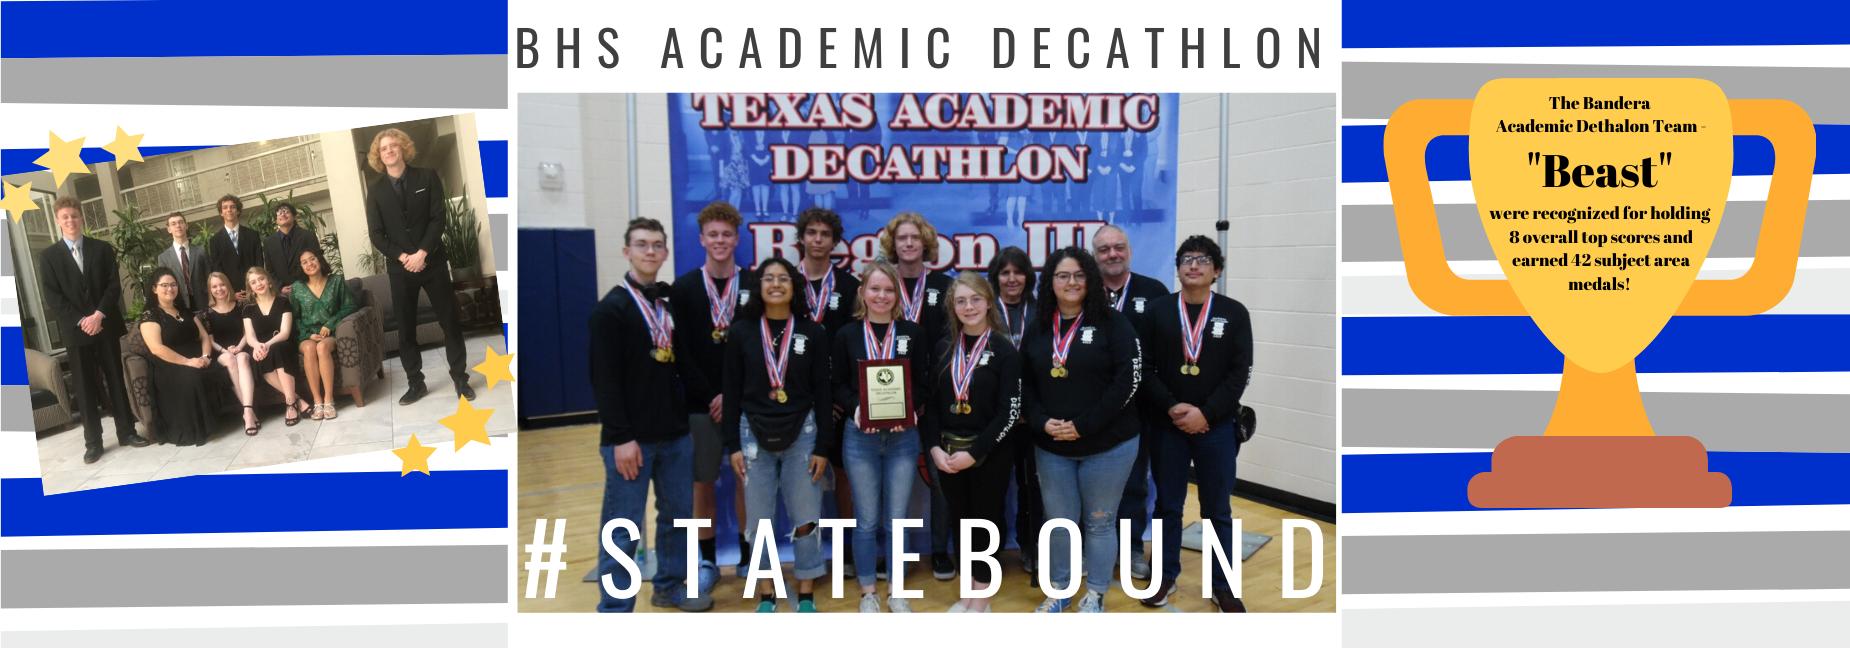 bhs academic decathlon